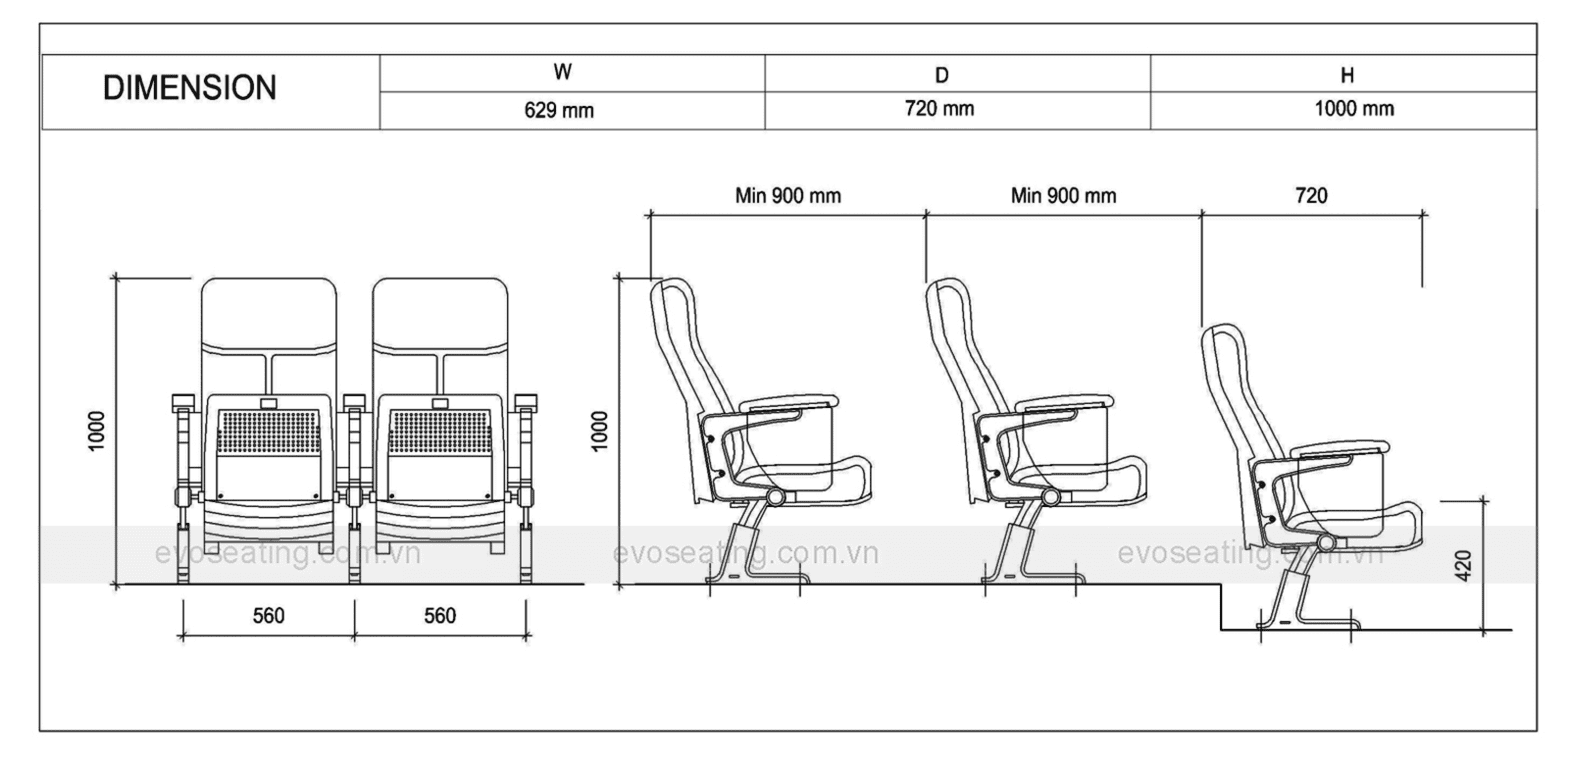 Thông số kỹ thuật của ghế hội trường EVO4601